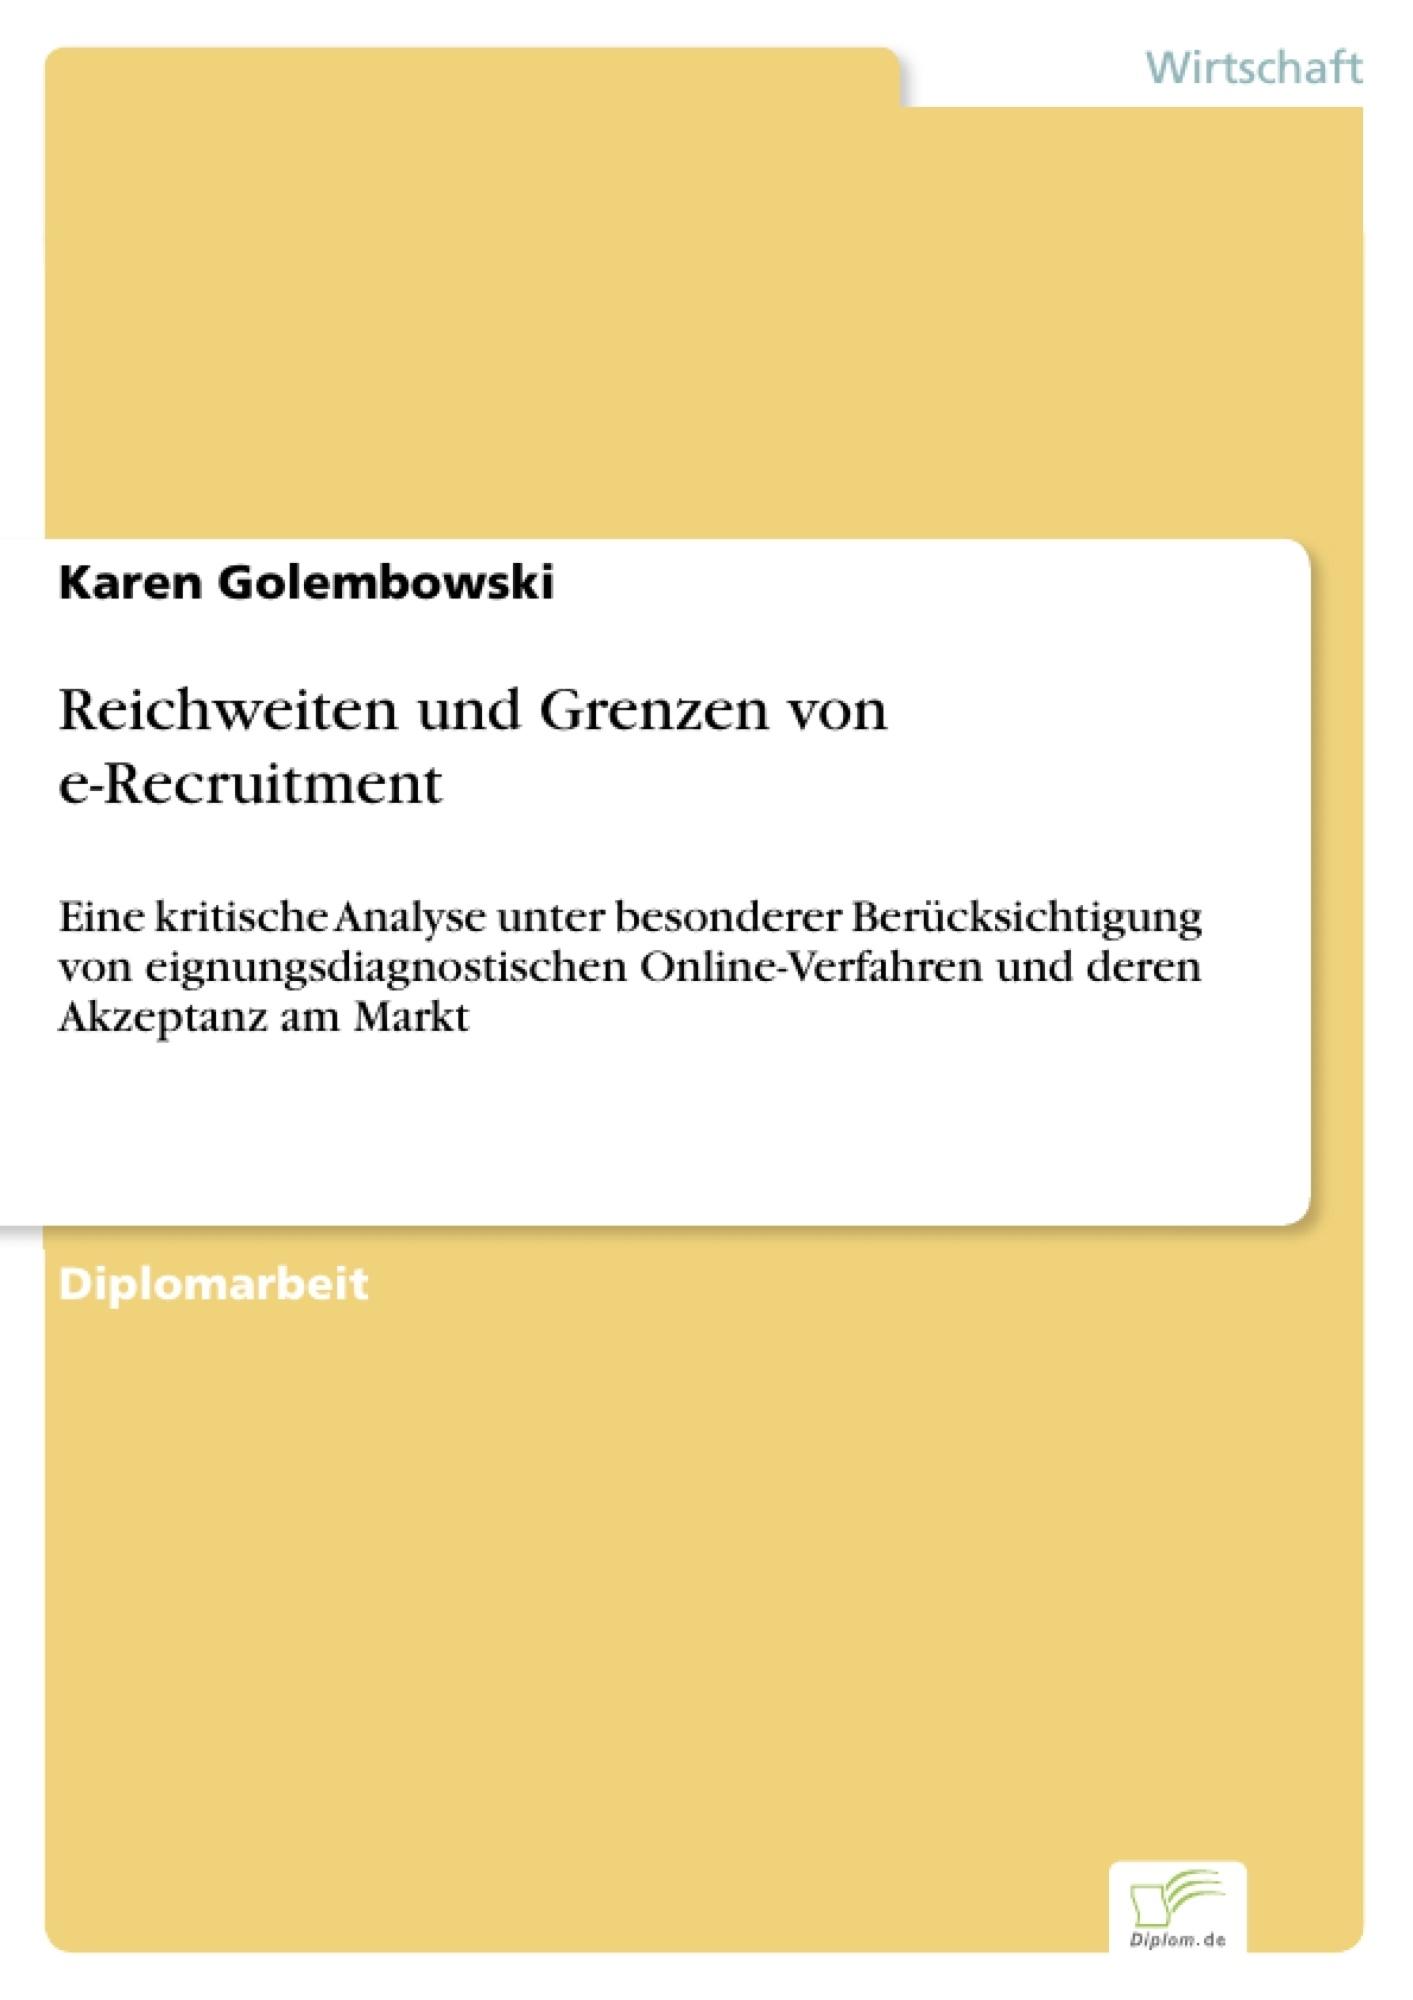 Reichweiten und Grenzen von e-Recruitment